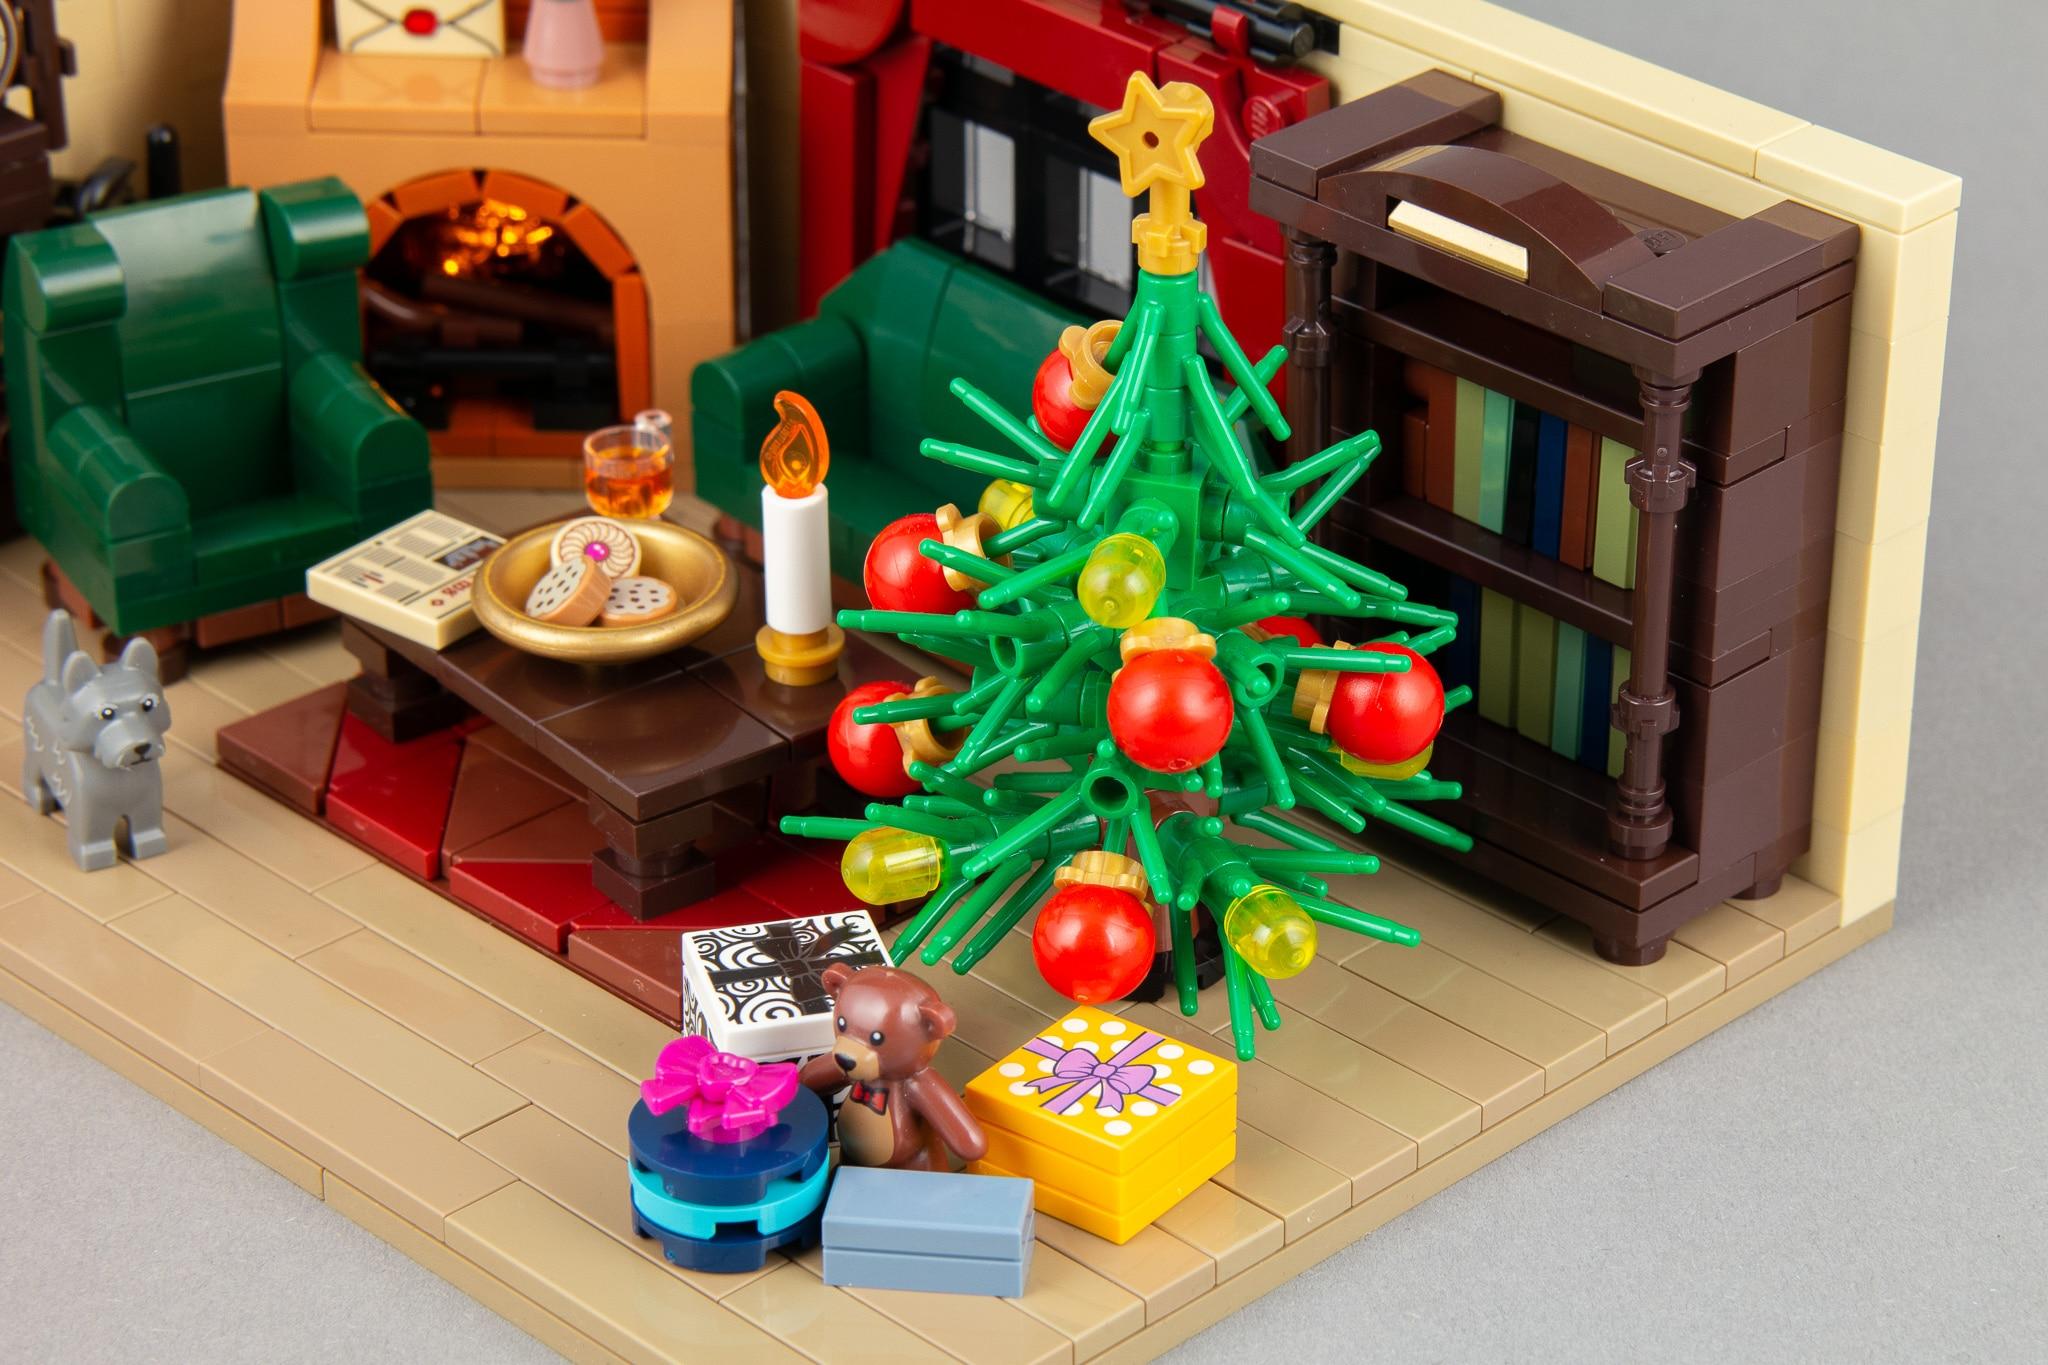 LEGO Moc Weihnachts Wohnzimmer (4)